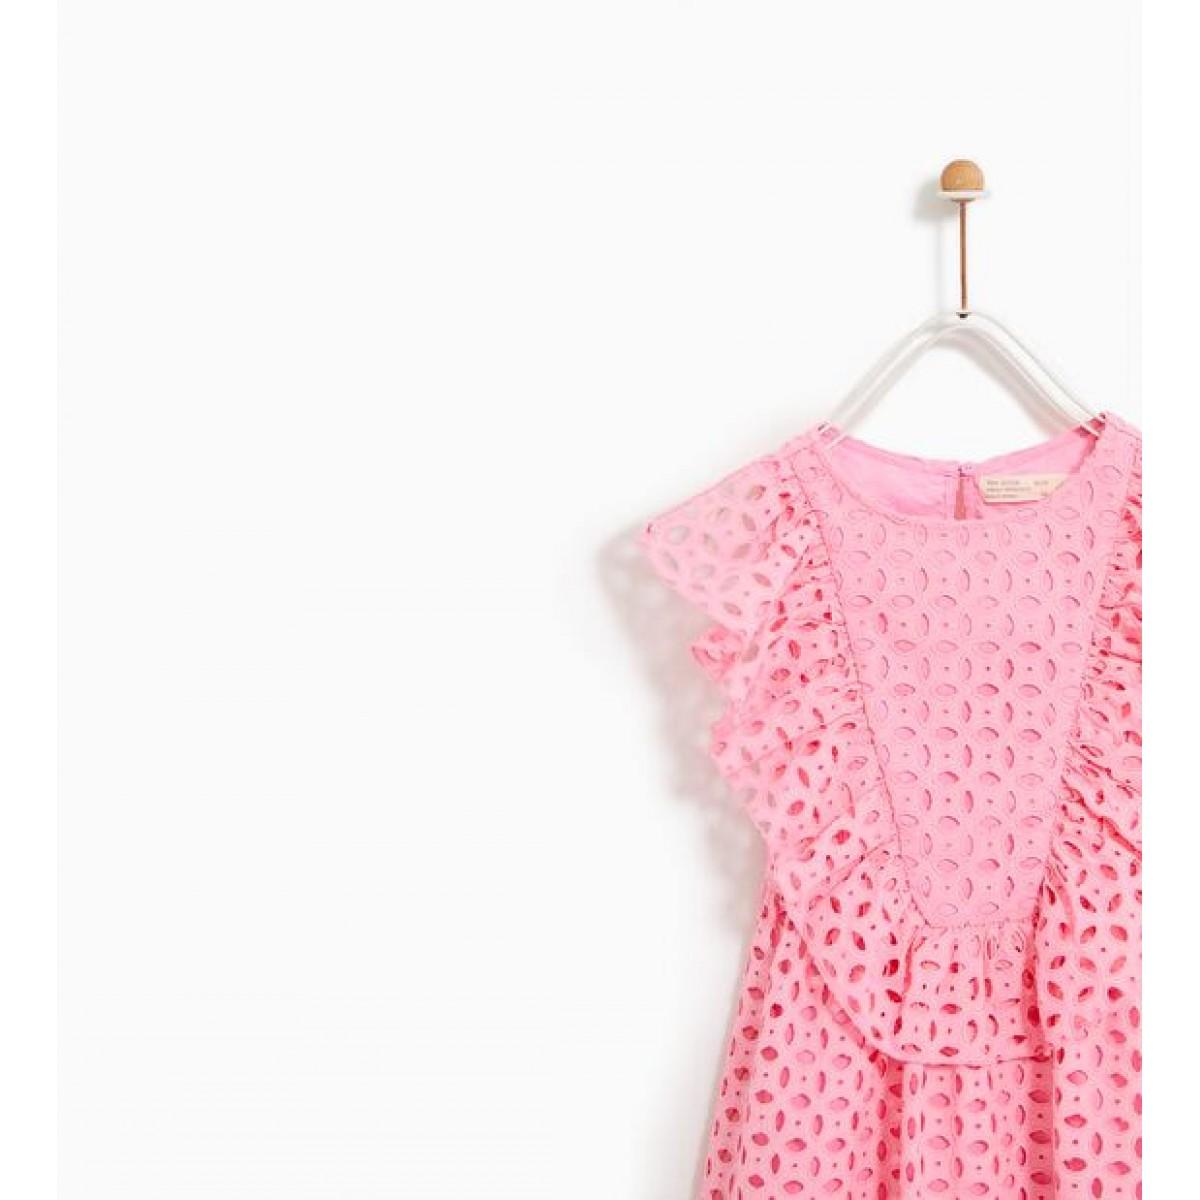 Zara Dress with Swiss Embroidery